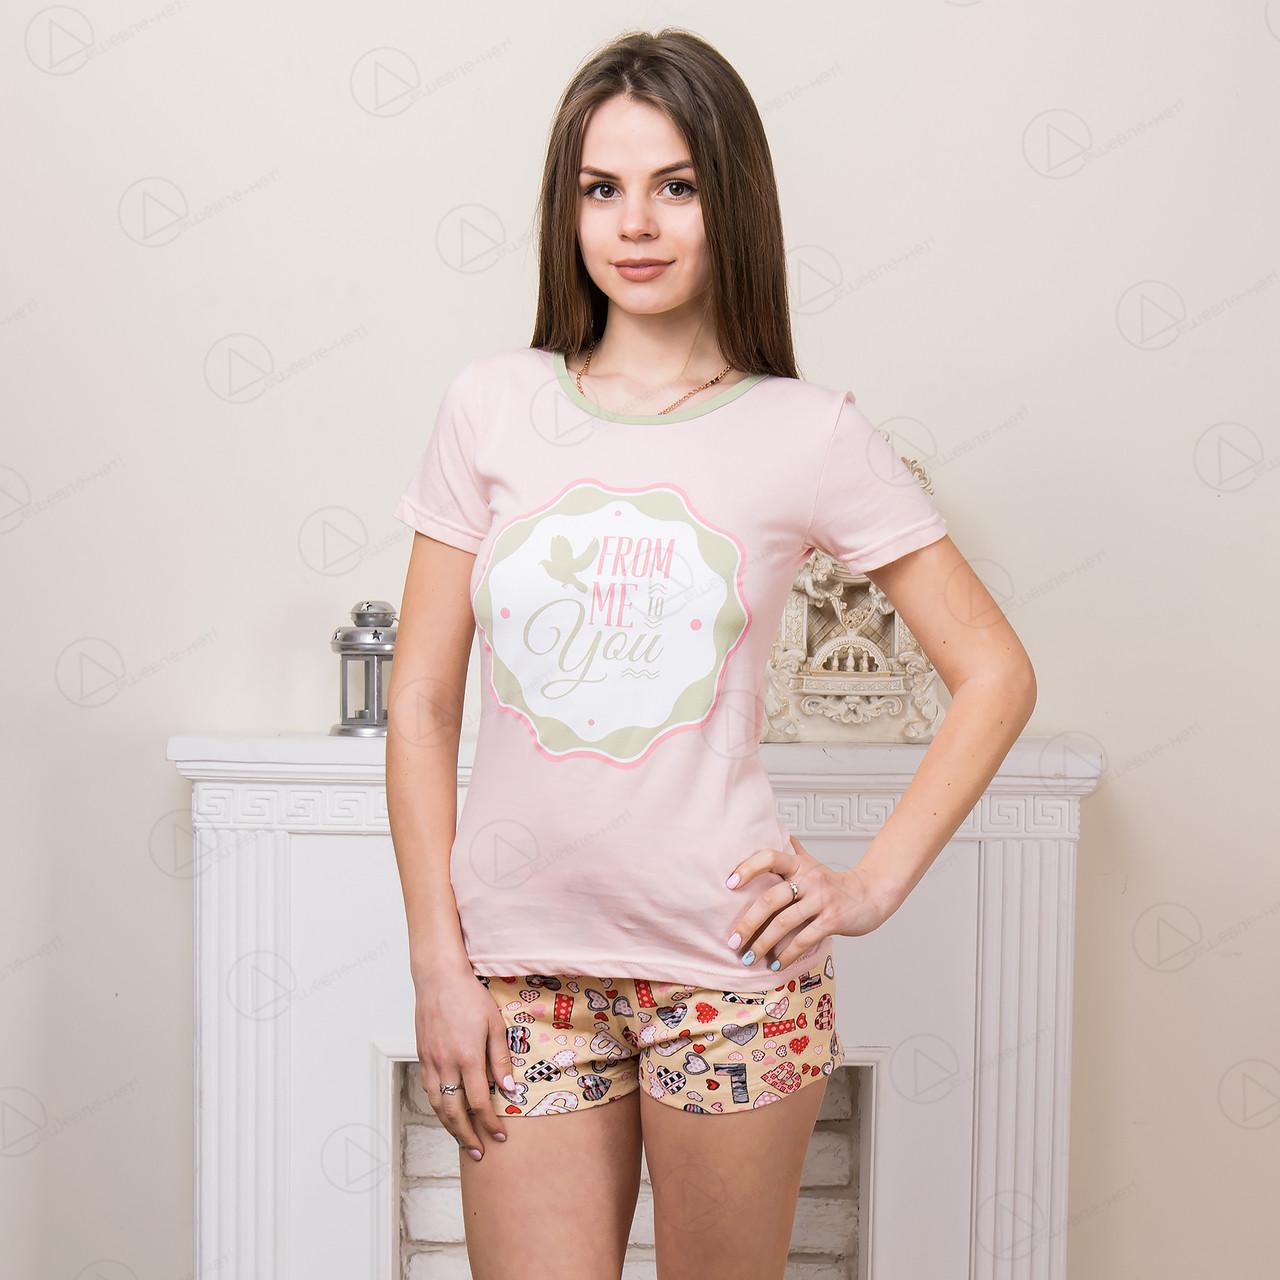 Комплект-двойка женский: футболка и шорты с принтом Moda Love Турция MDLV-17366